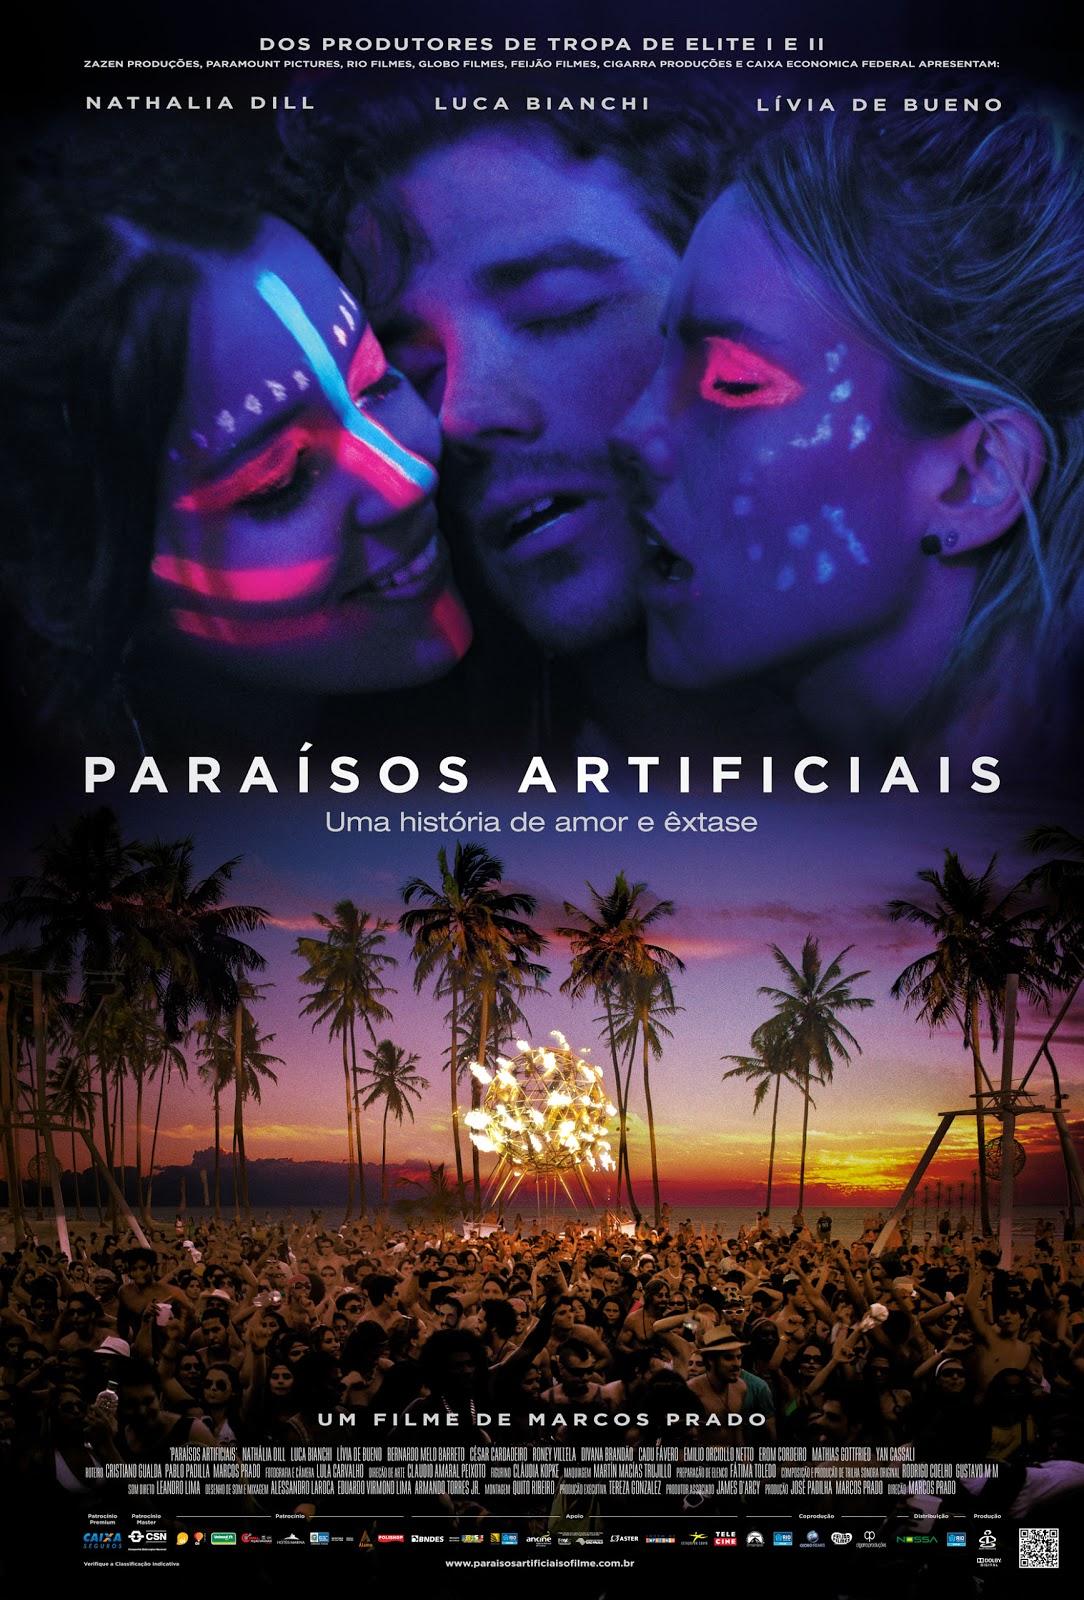 Assistir Filme Online Paraísos Artificiais Dublado